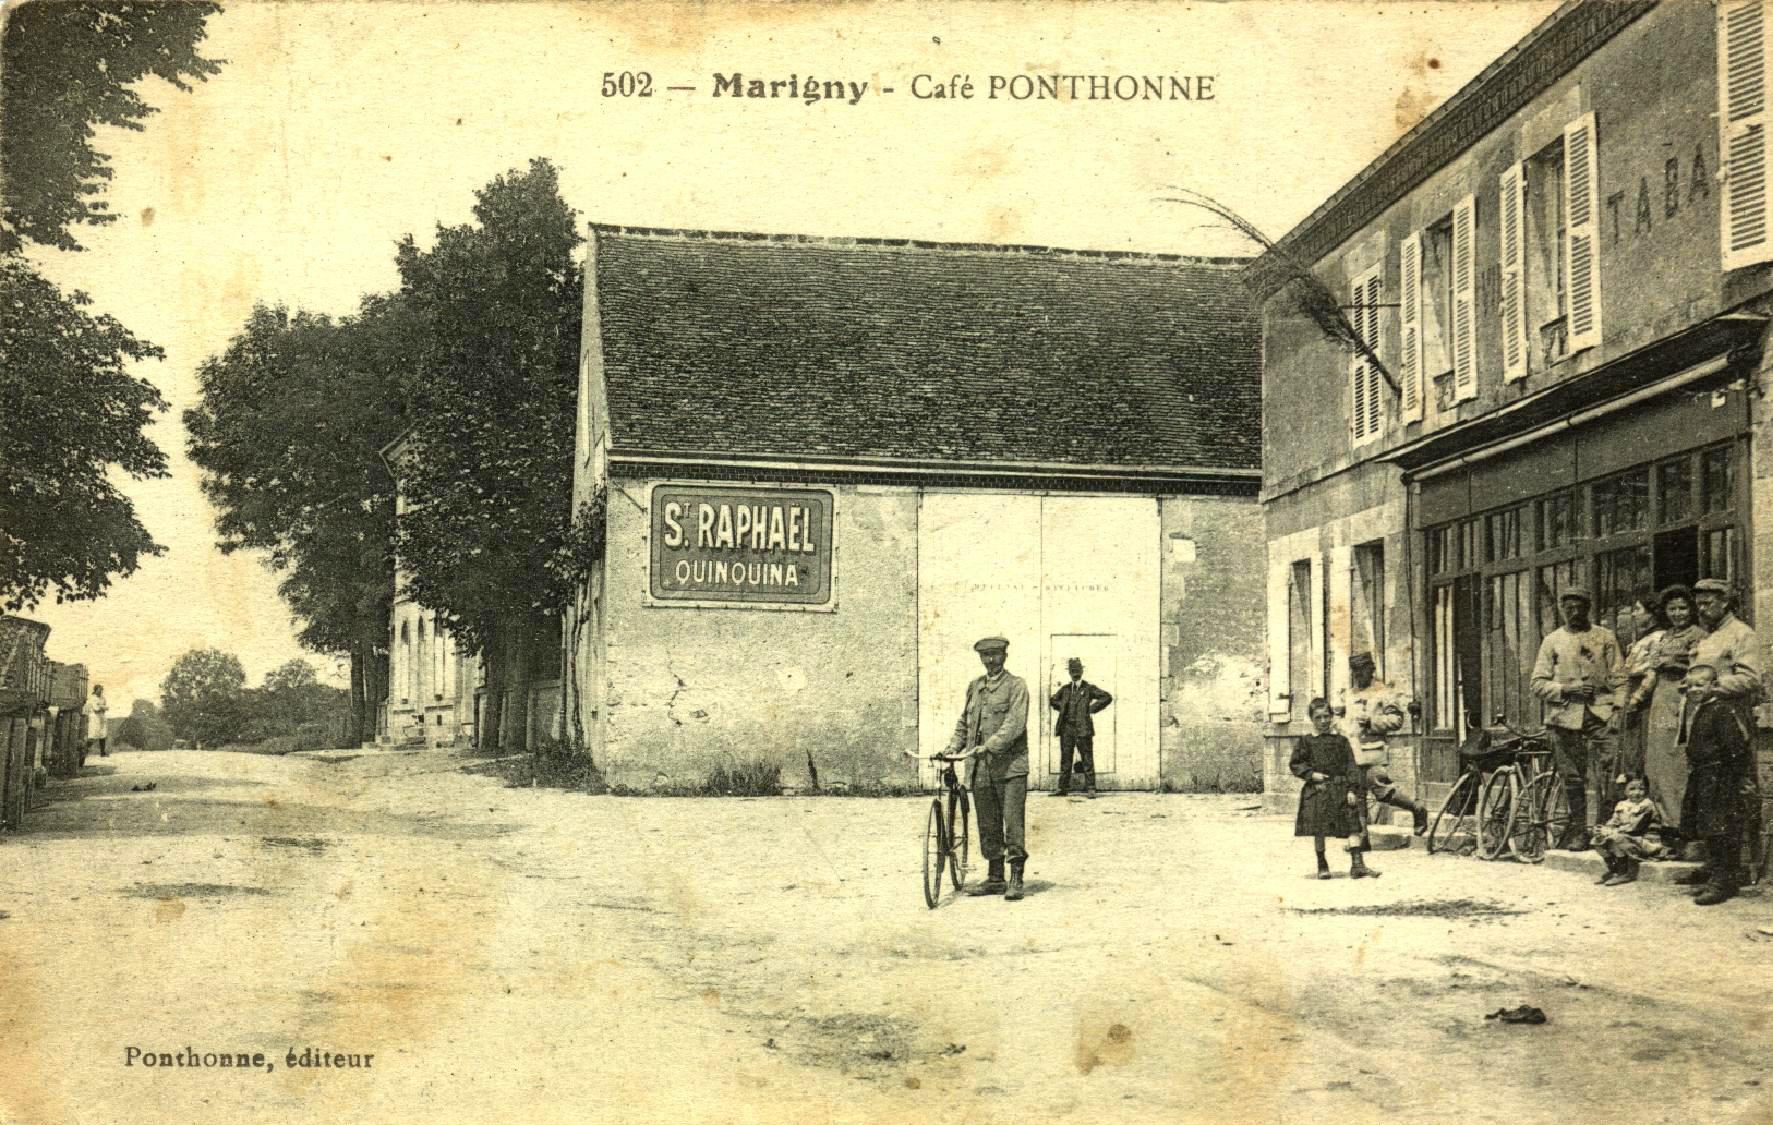 Marigny les Usages Cafe Ponthonne